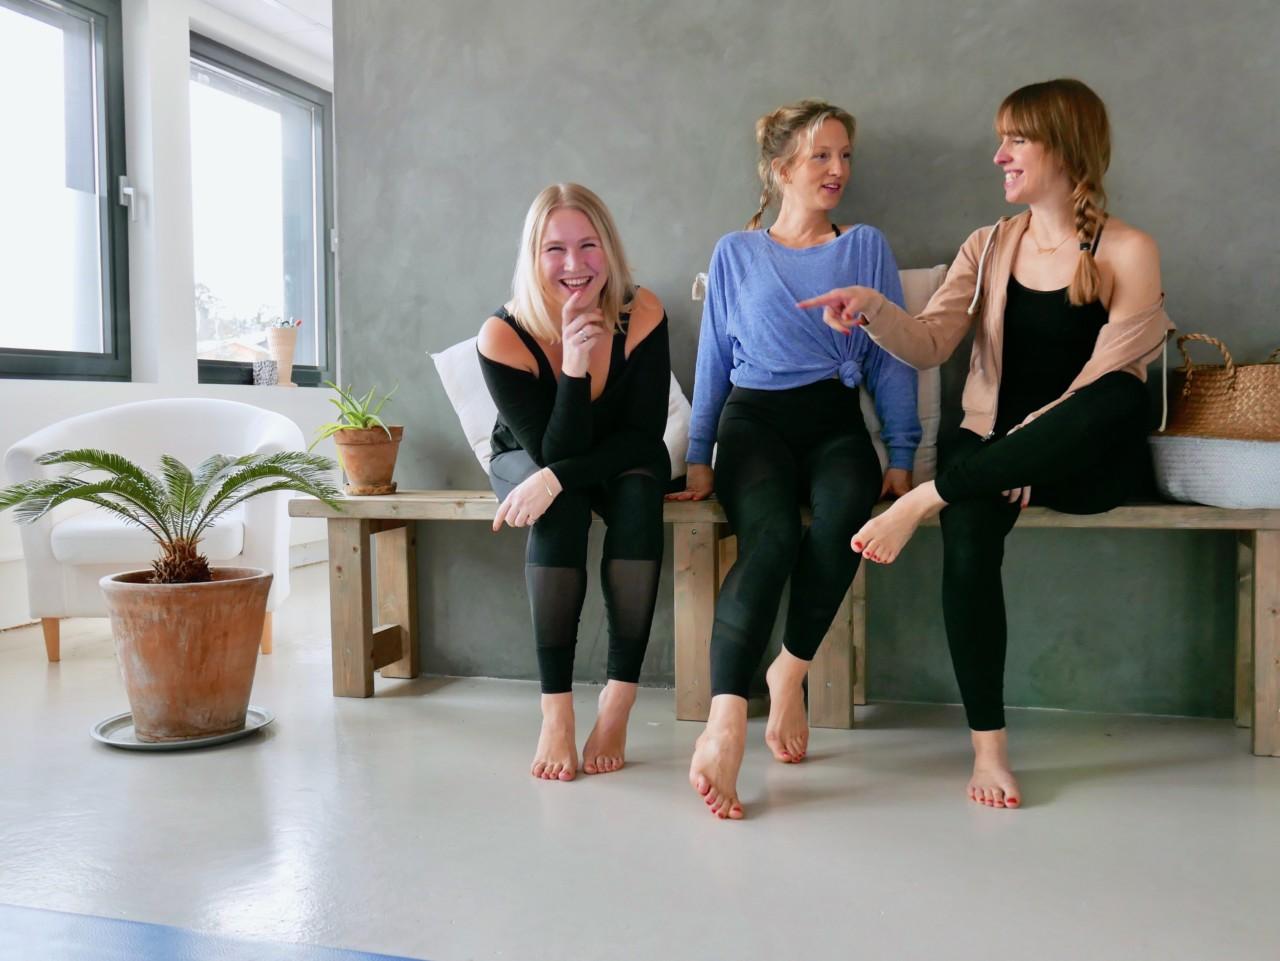 yoga-dans-flyt-studio-nesodden-green-house